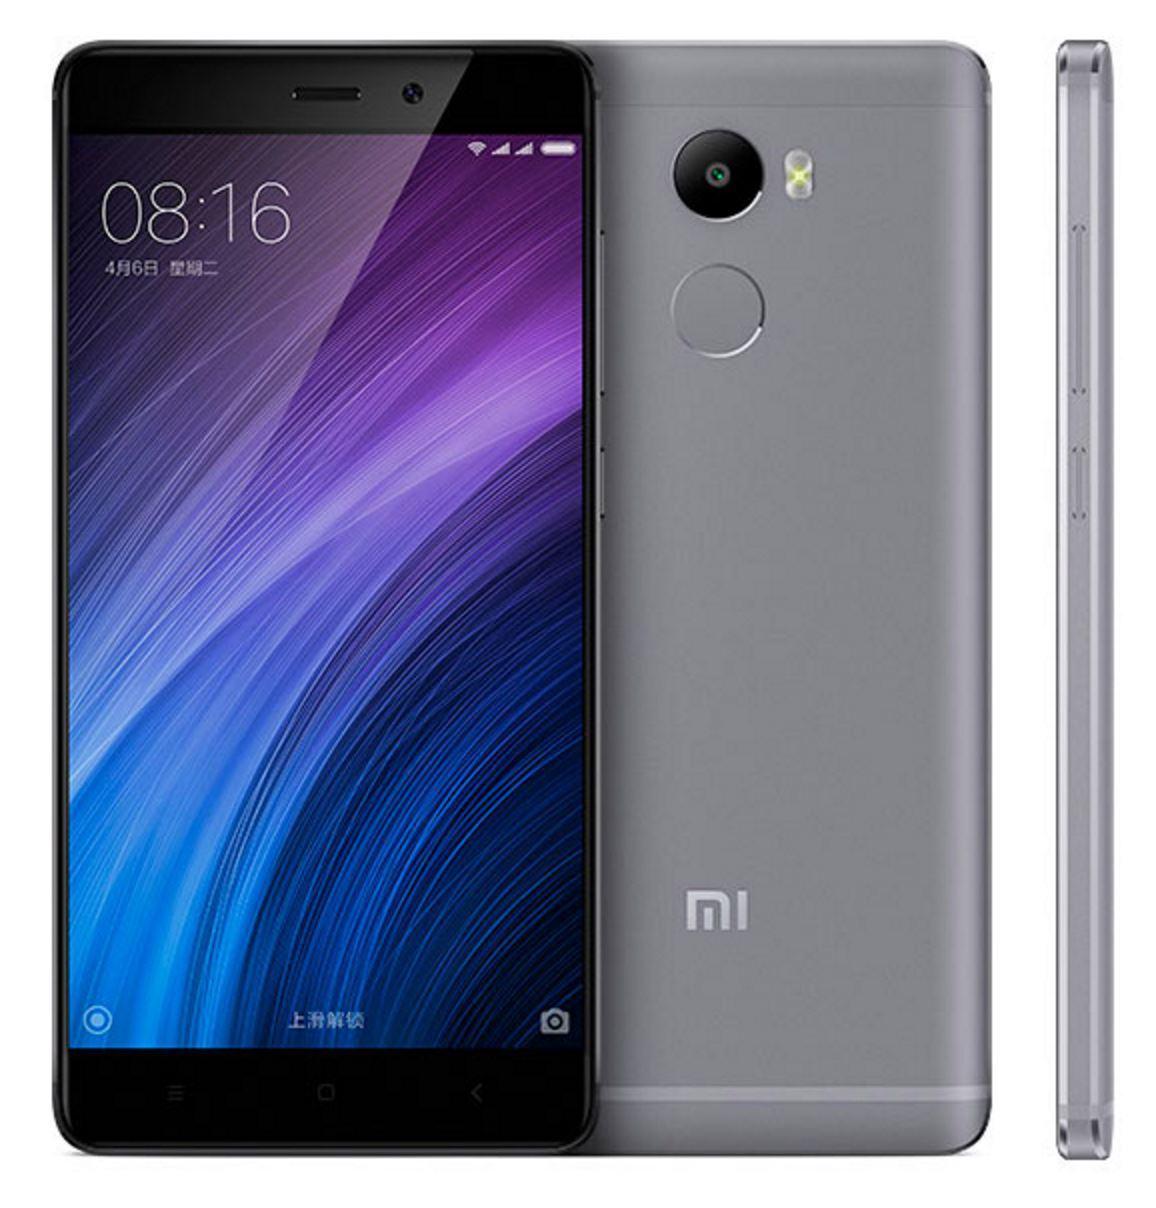 Xiaomi Redmi 4X - Aus China, aber mit LTE Band 20